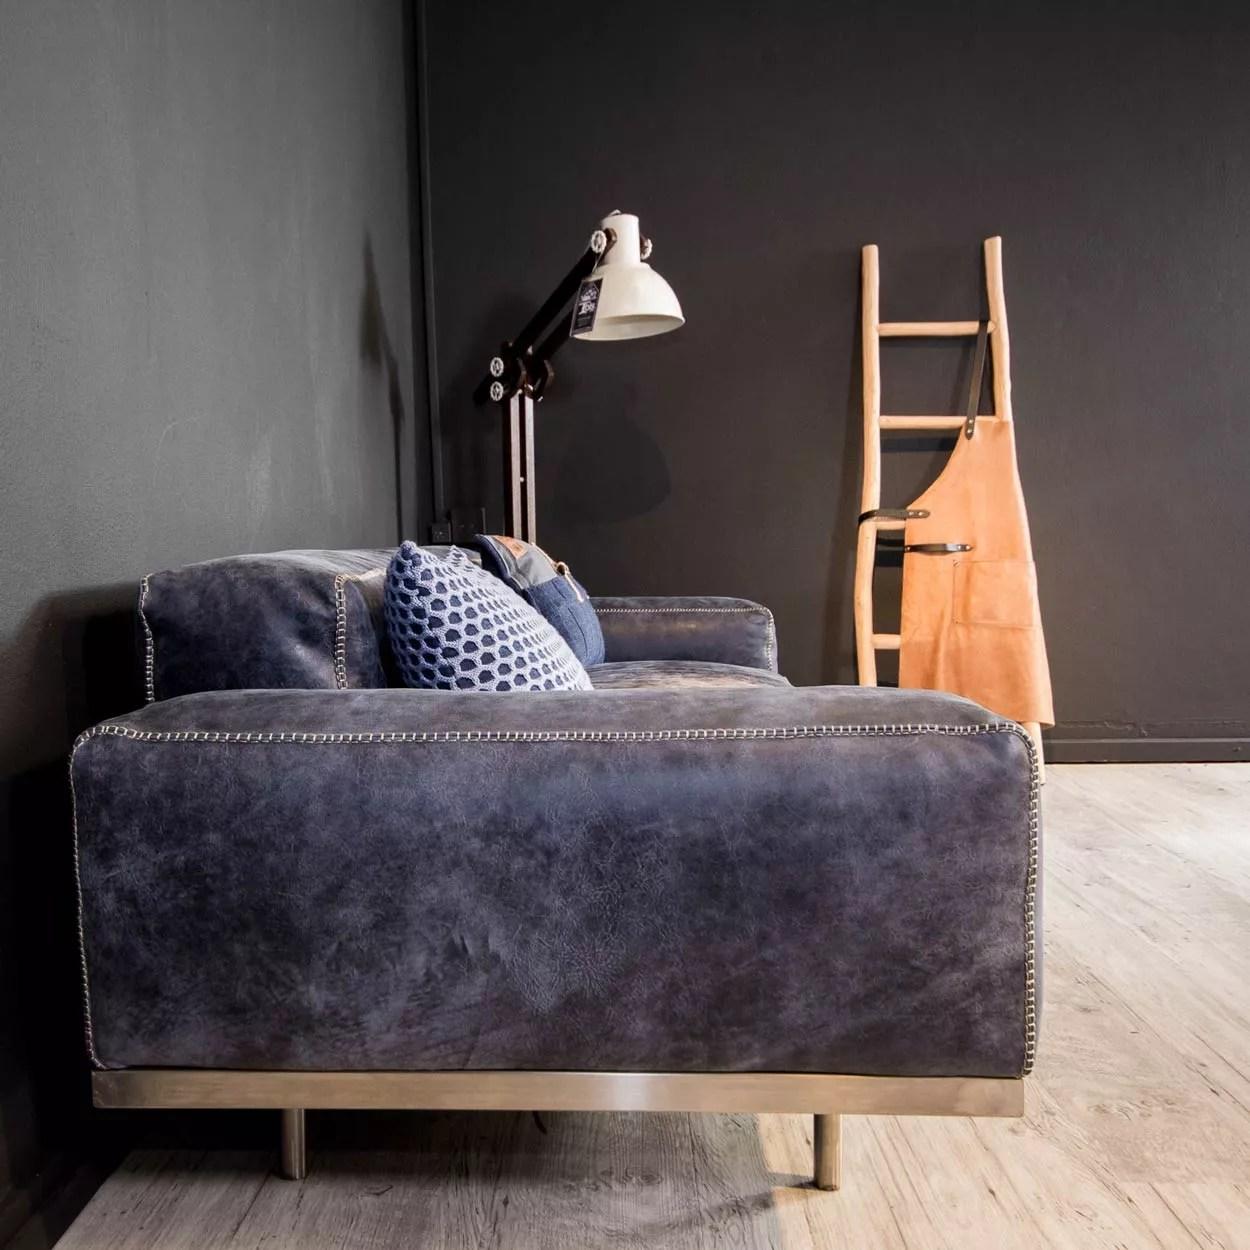 Interieur | Stoer en industrieel wonen - Woonblog StijlvolStyling.com